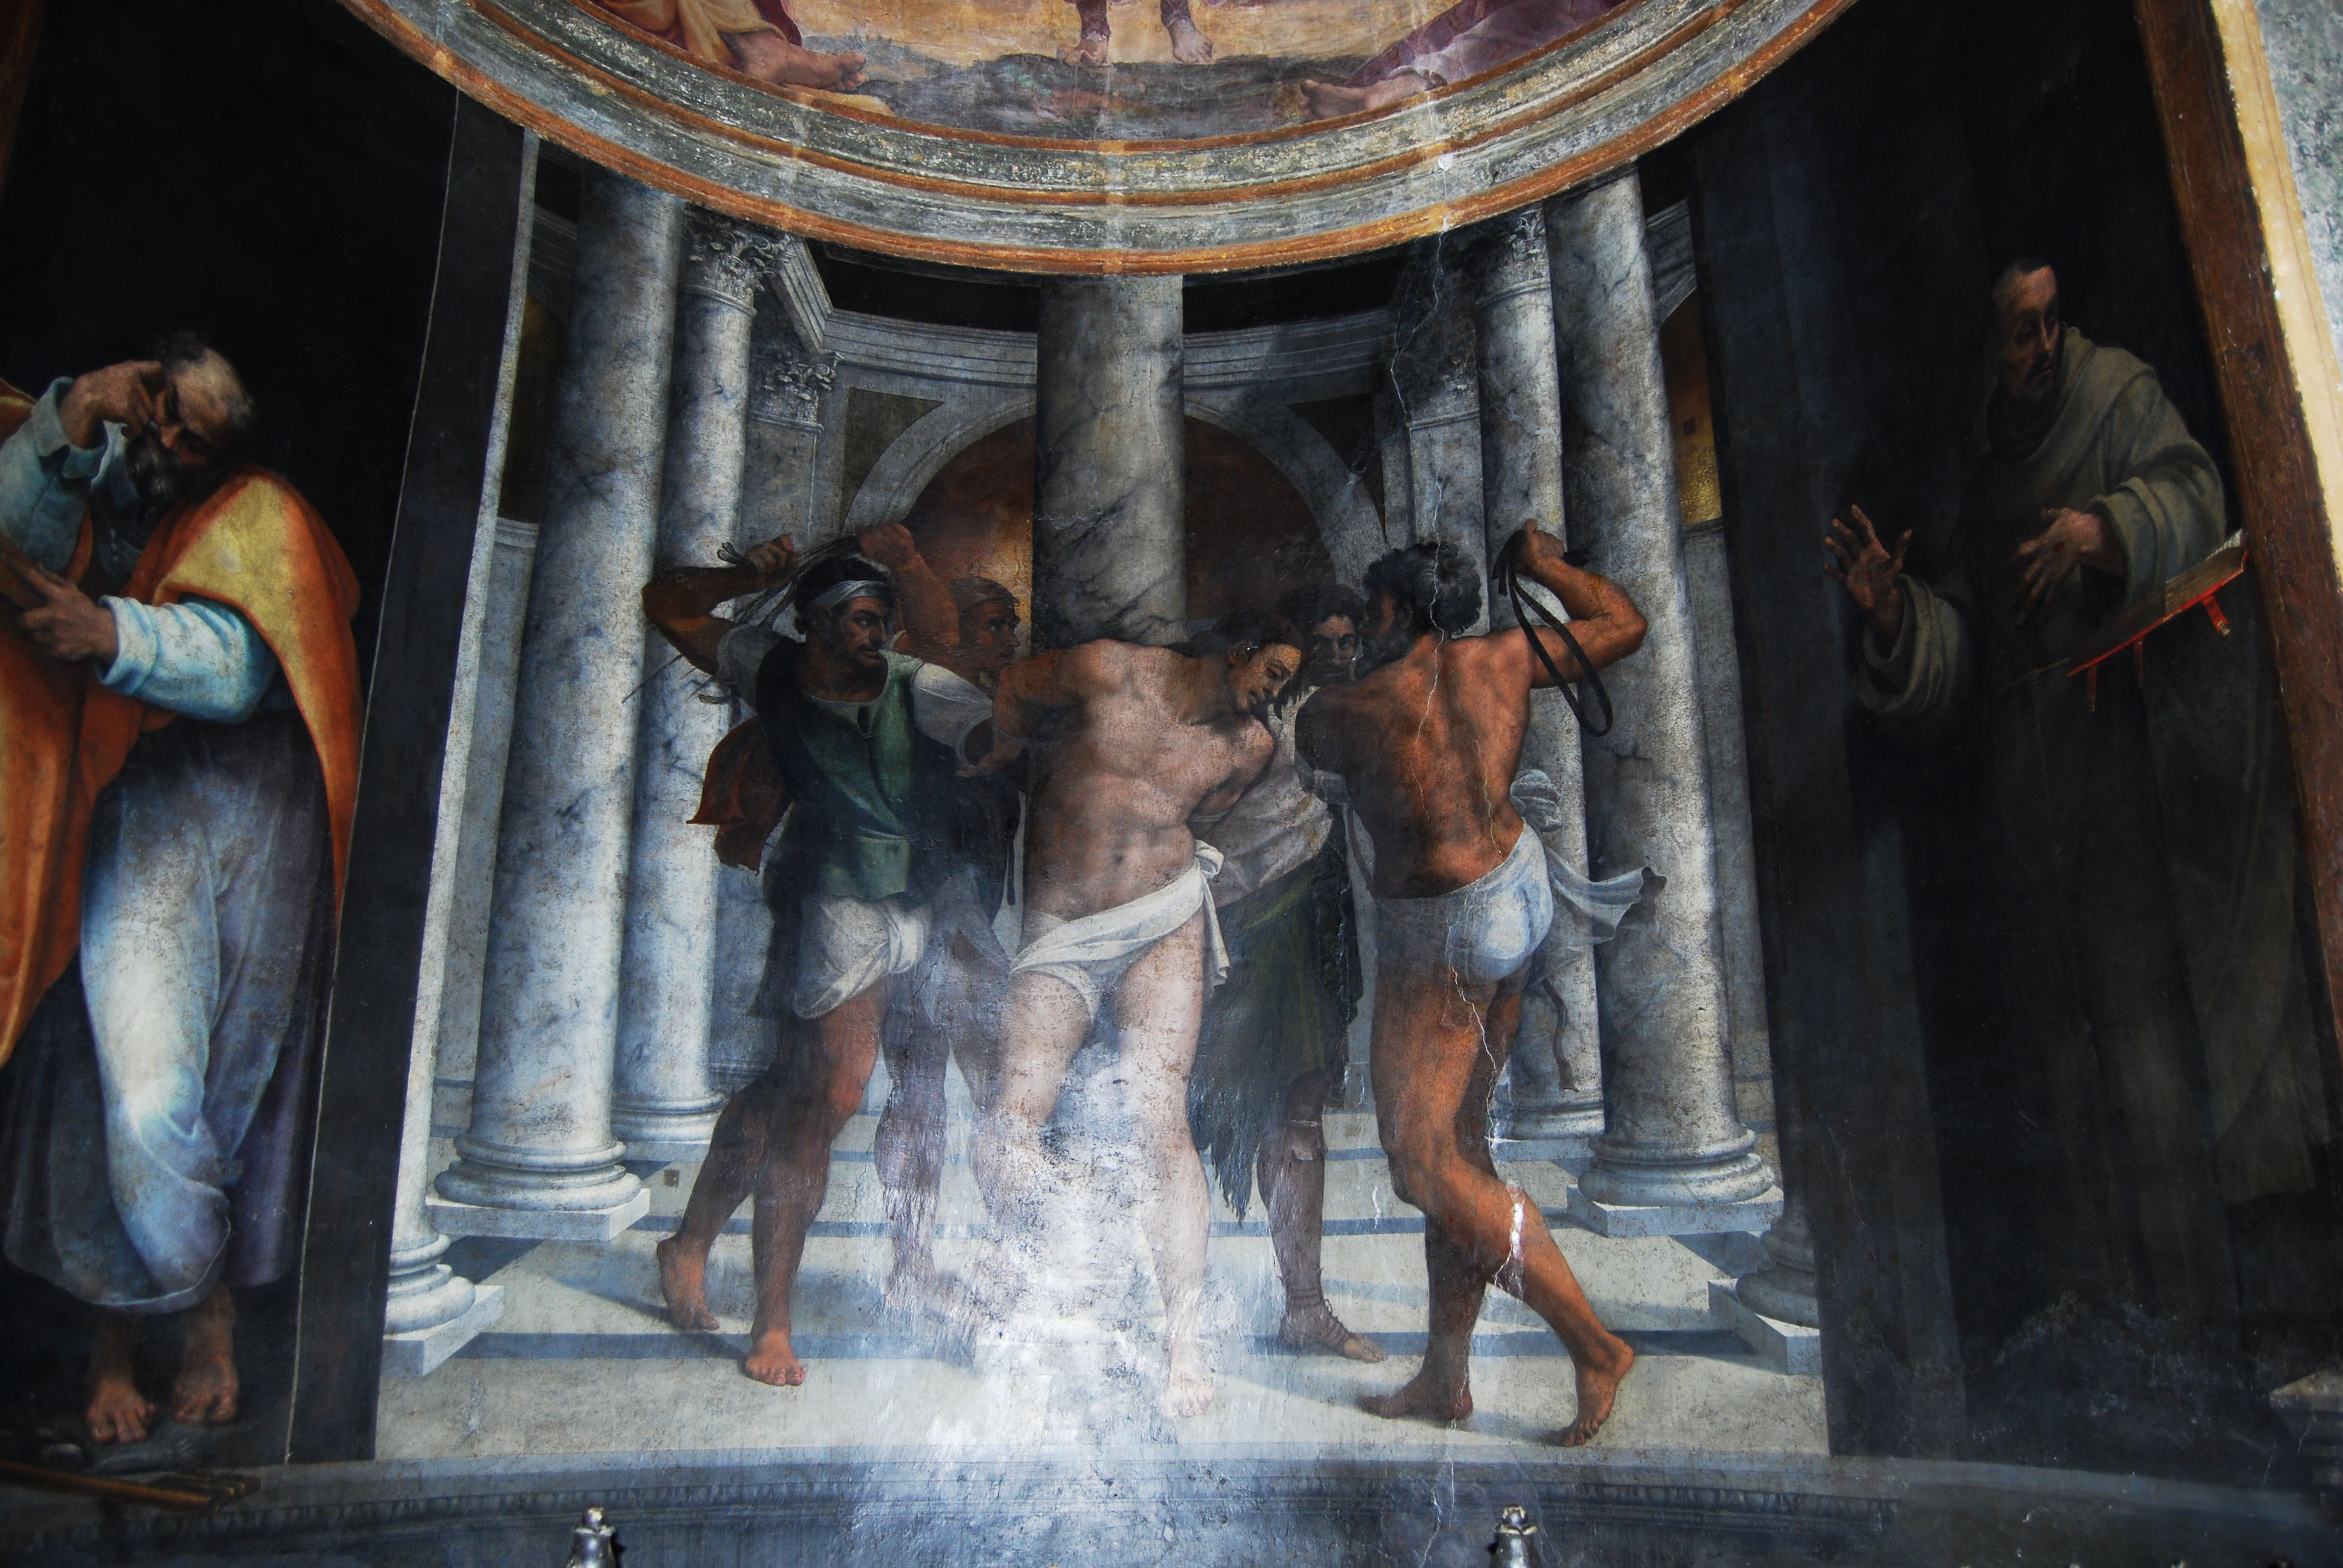 sebastiano del piombo rome - photo#12